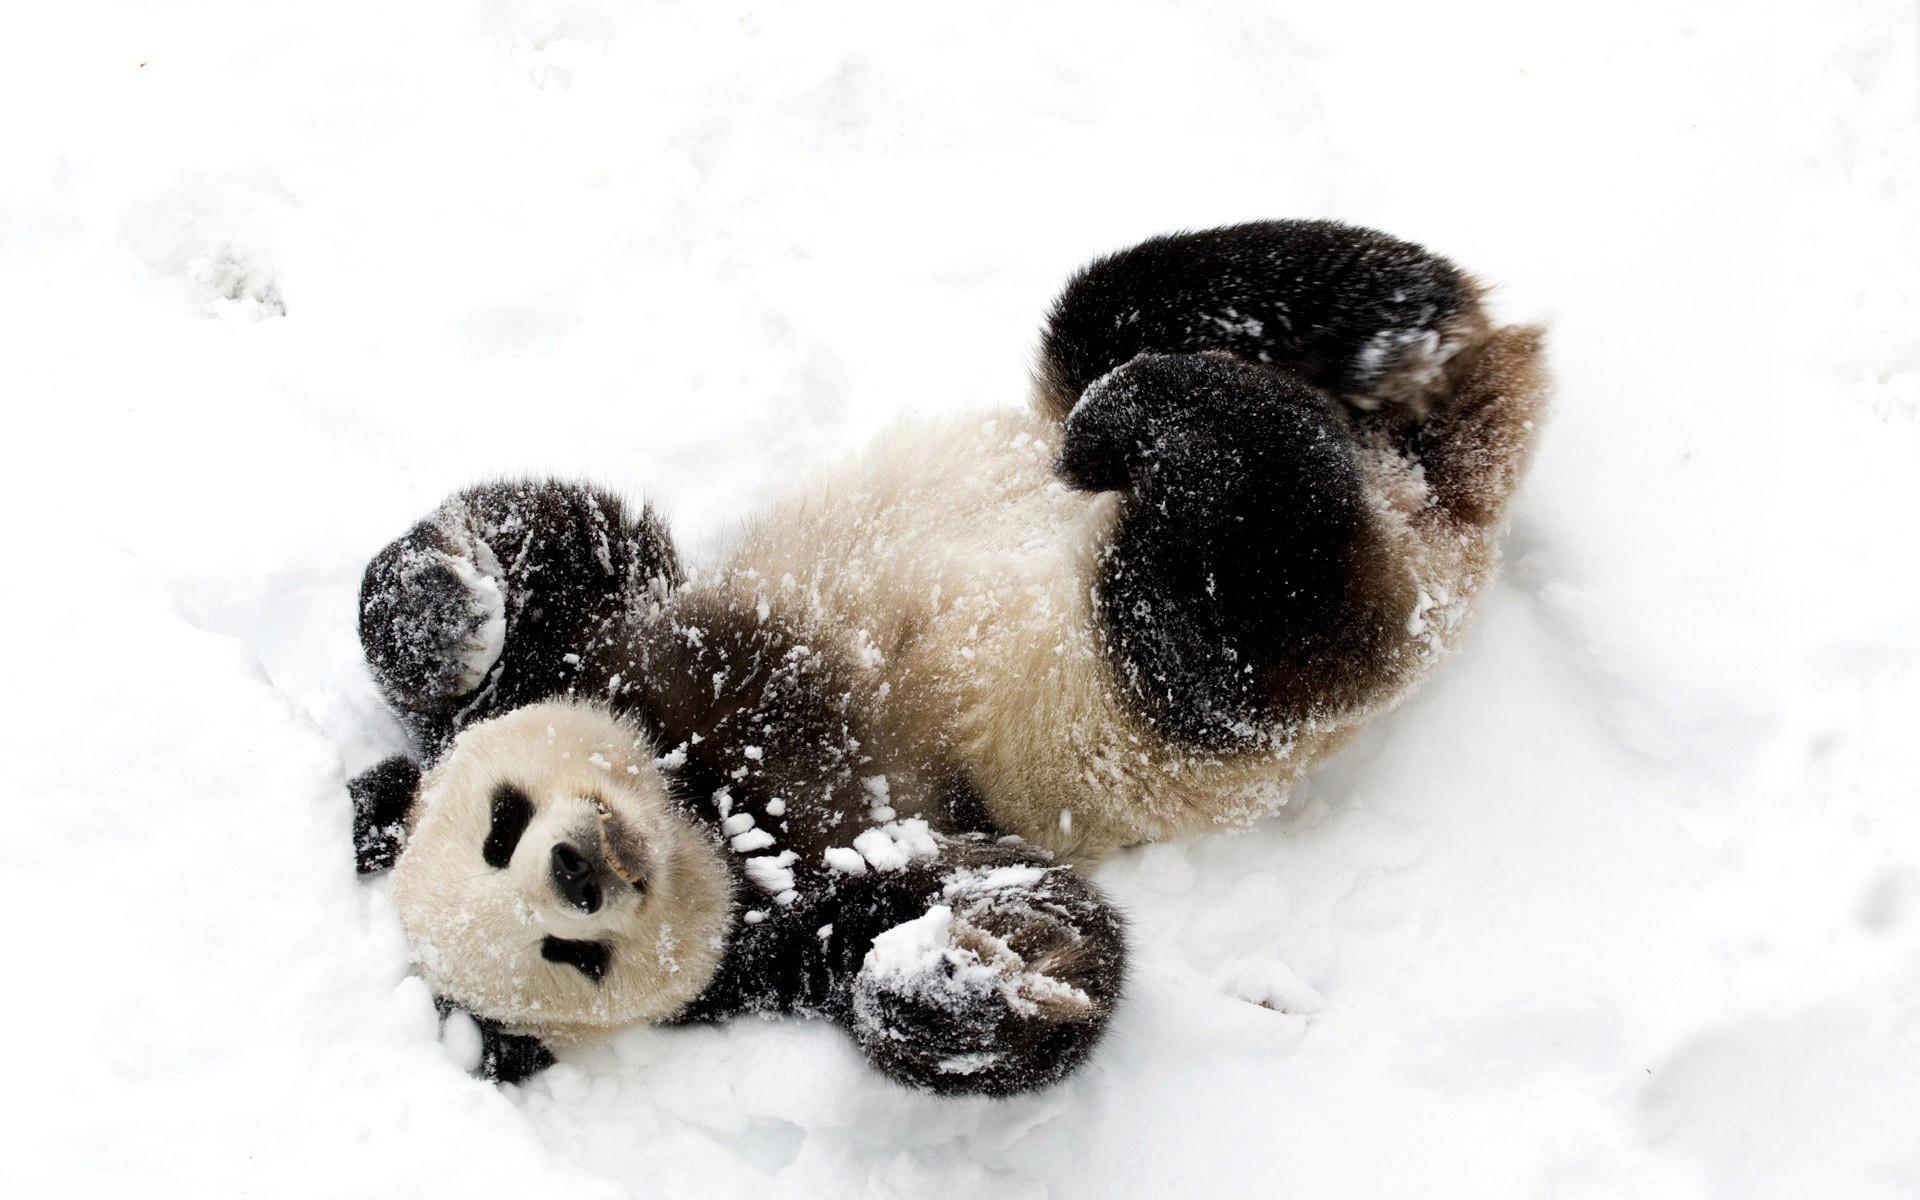 Panda Cubs in Snow